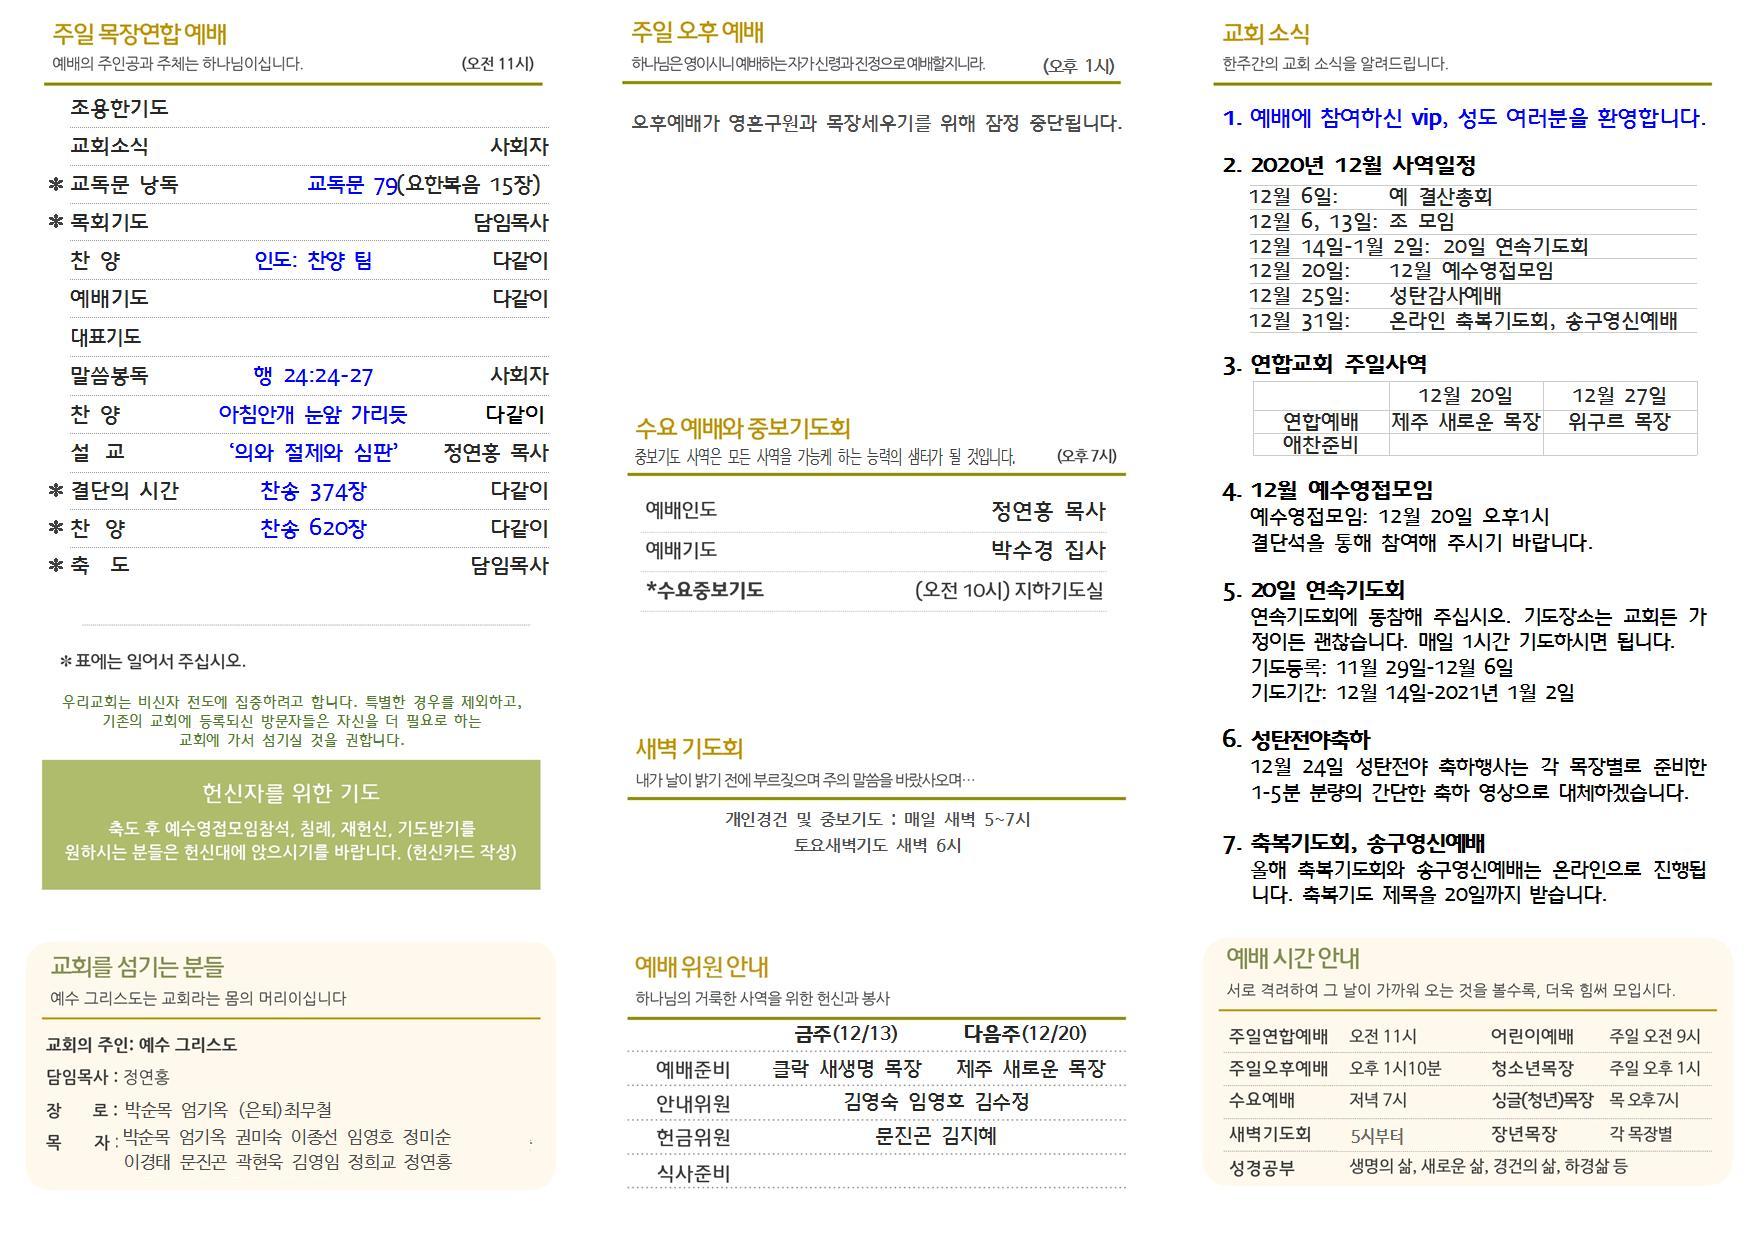 201213-1,2002.jpg